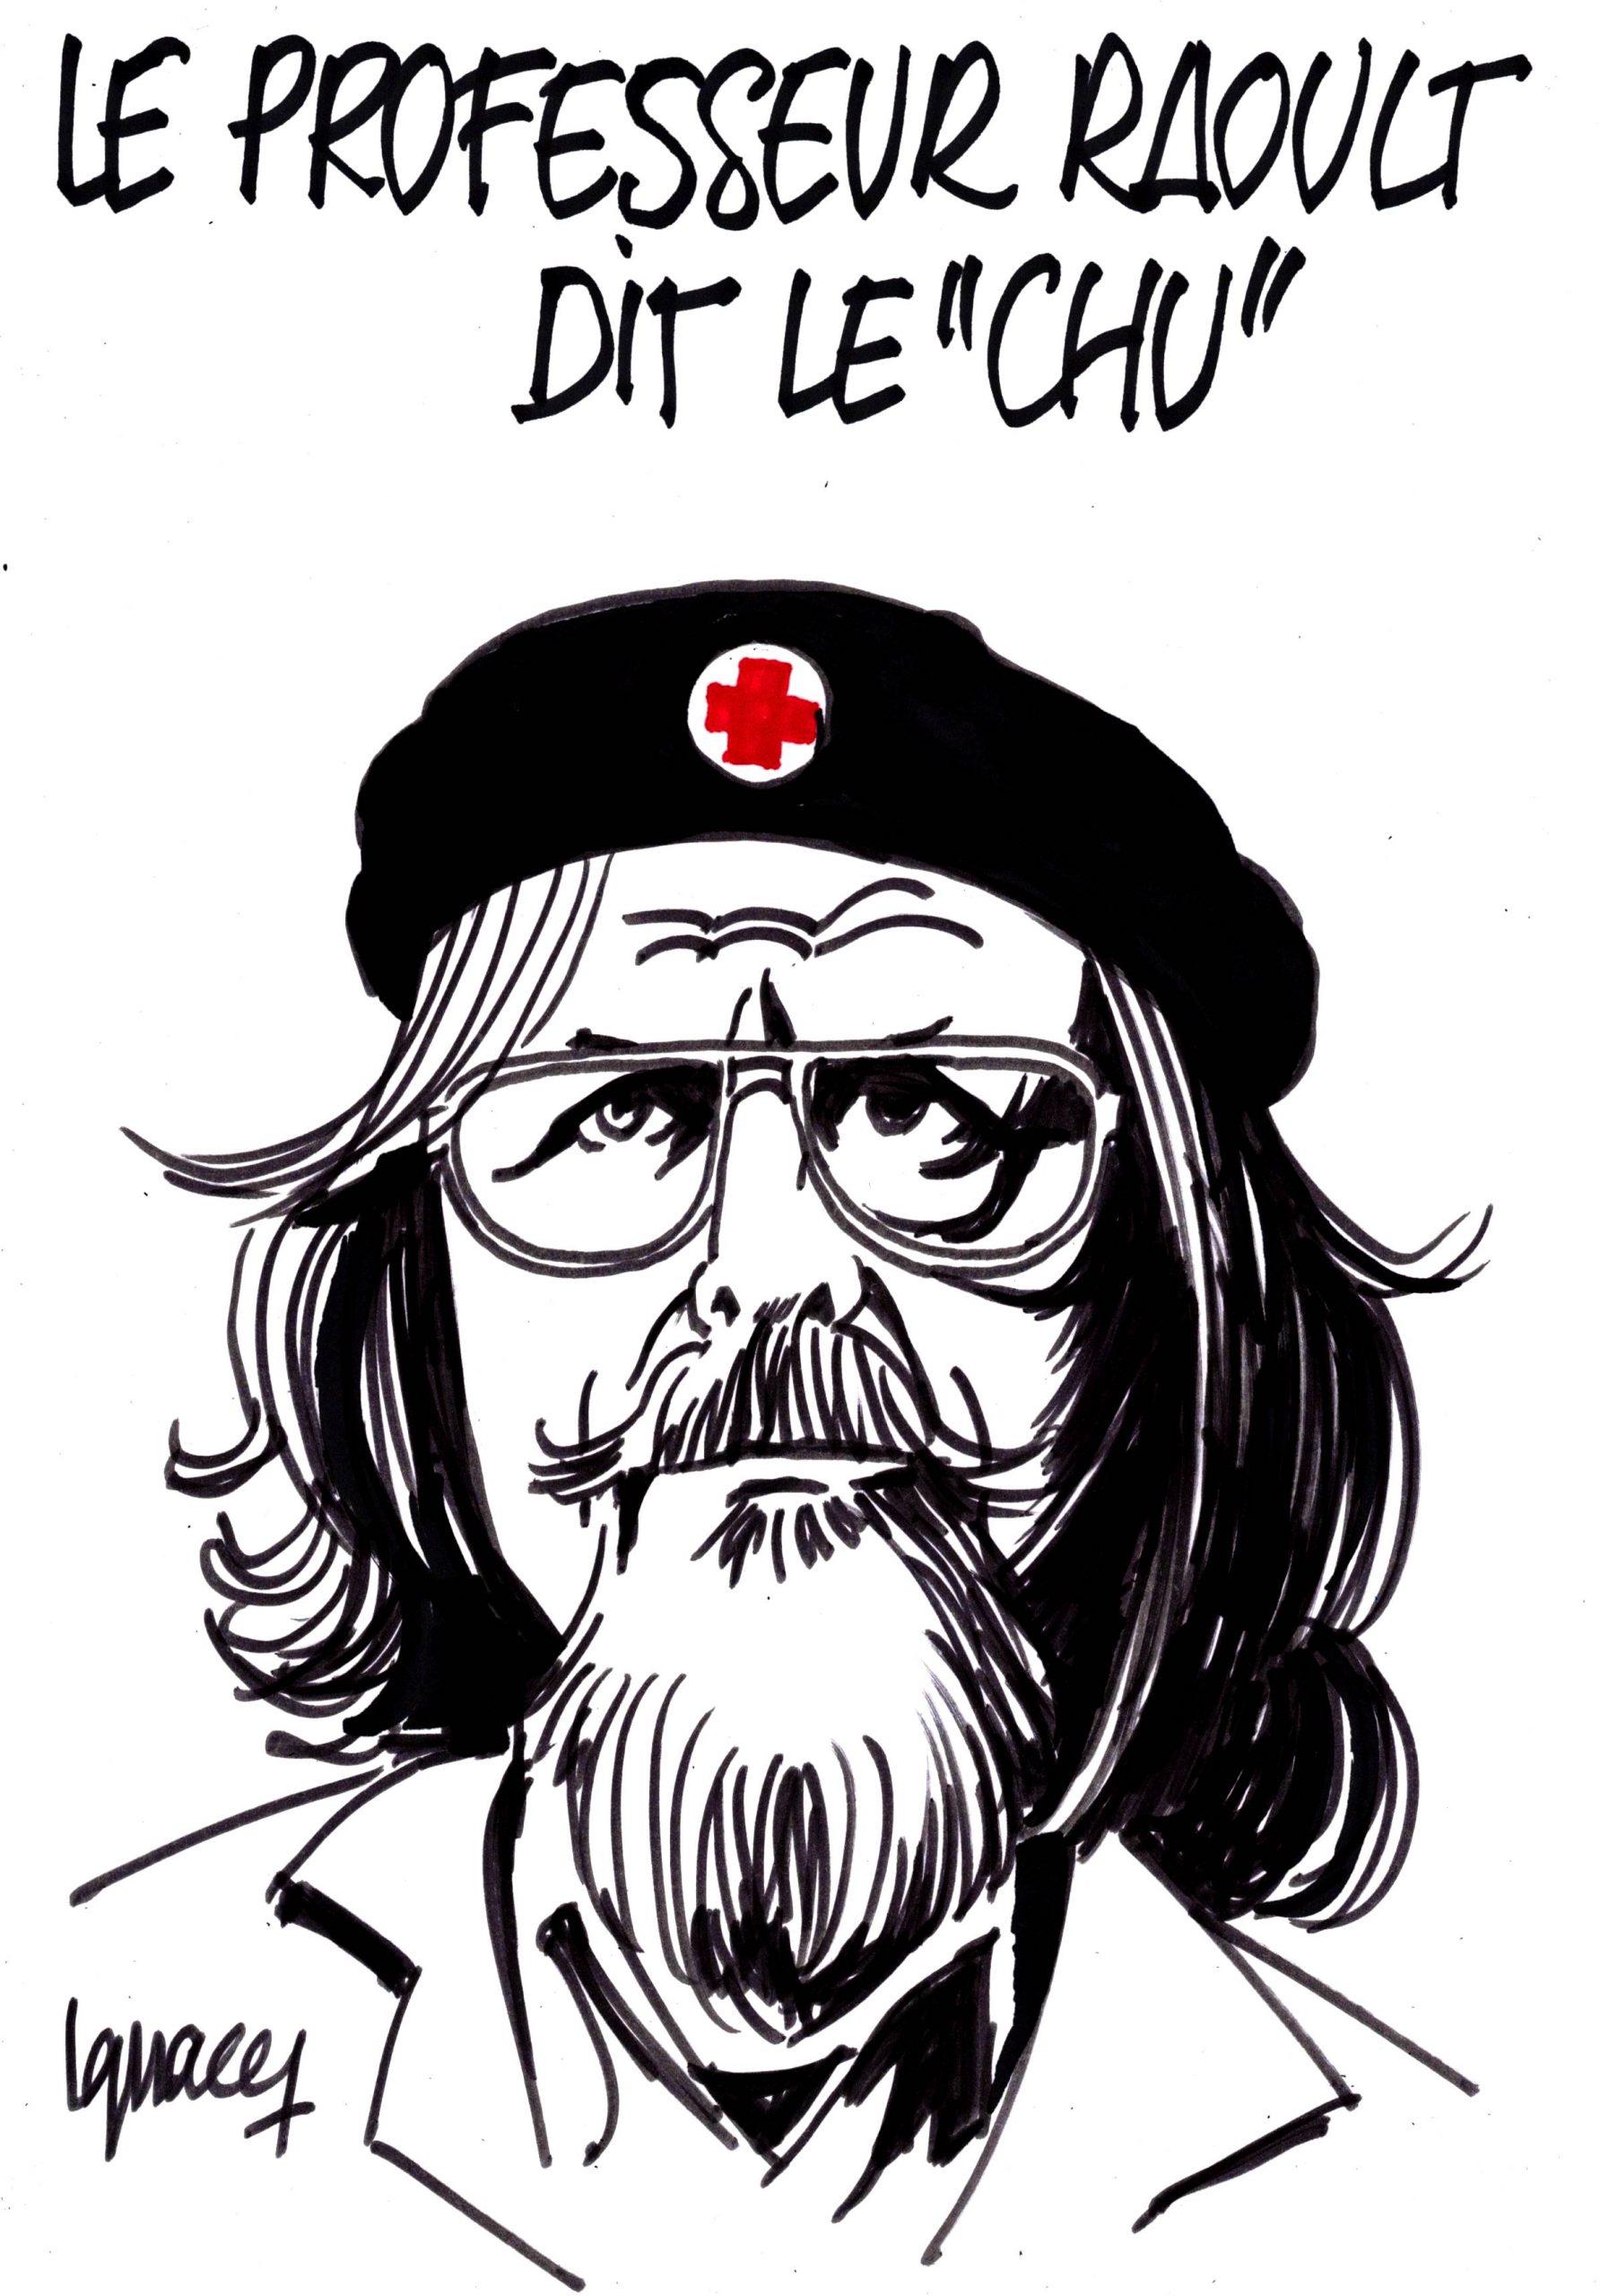 """Ignace - Professeur Raoult, dit le """"Chu"""""""